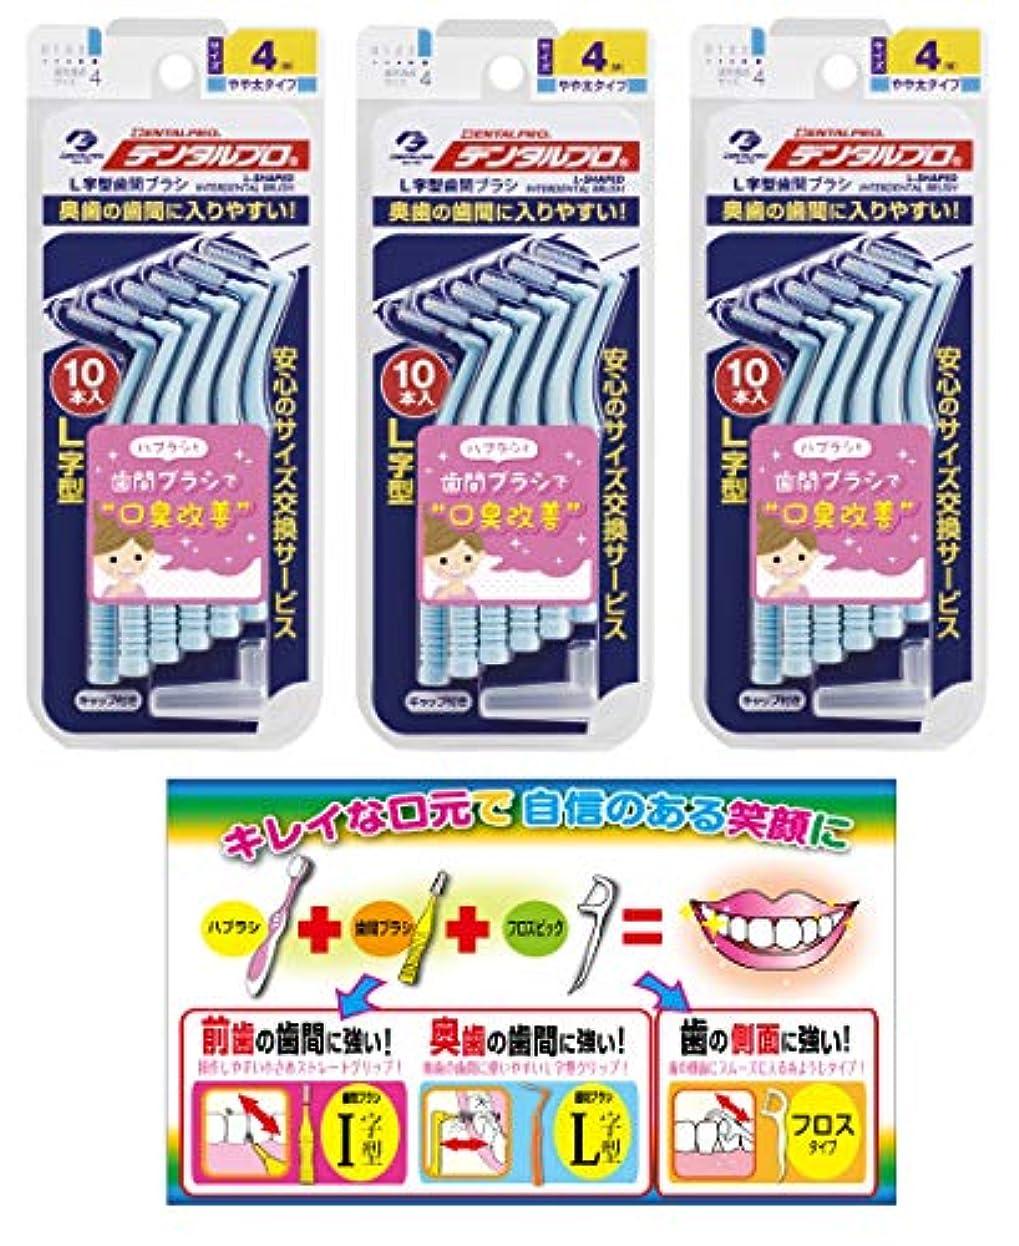 場合ジュラシックパーク間違いなく【Amazon.co.jp限定】DP歯間ブラシL字型10本入サイズ4 3P+リーフレット